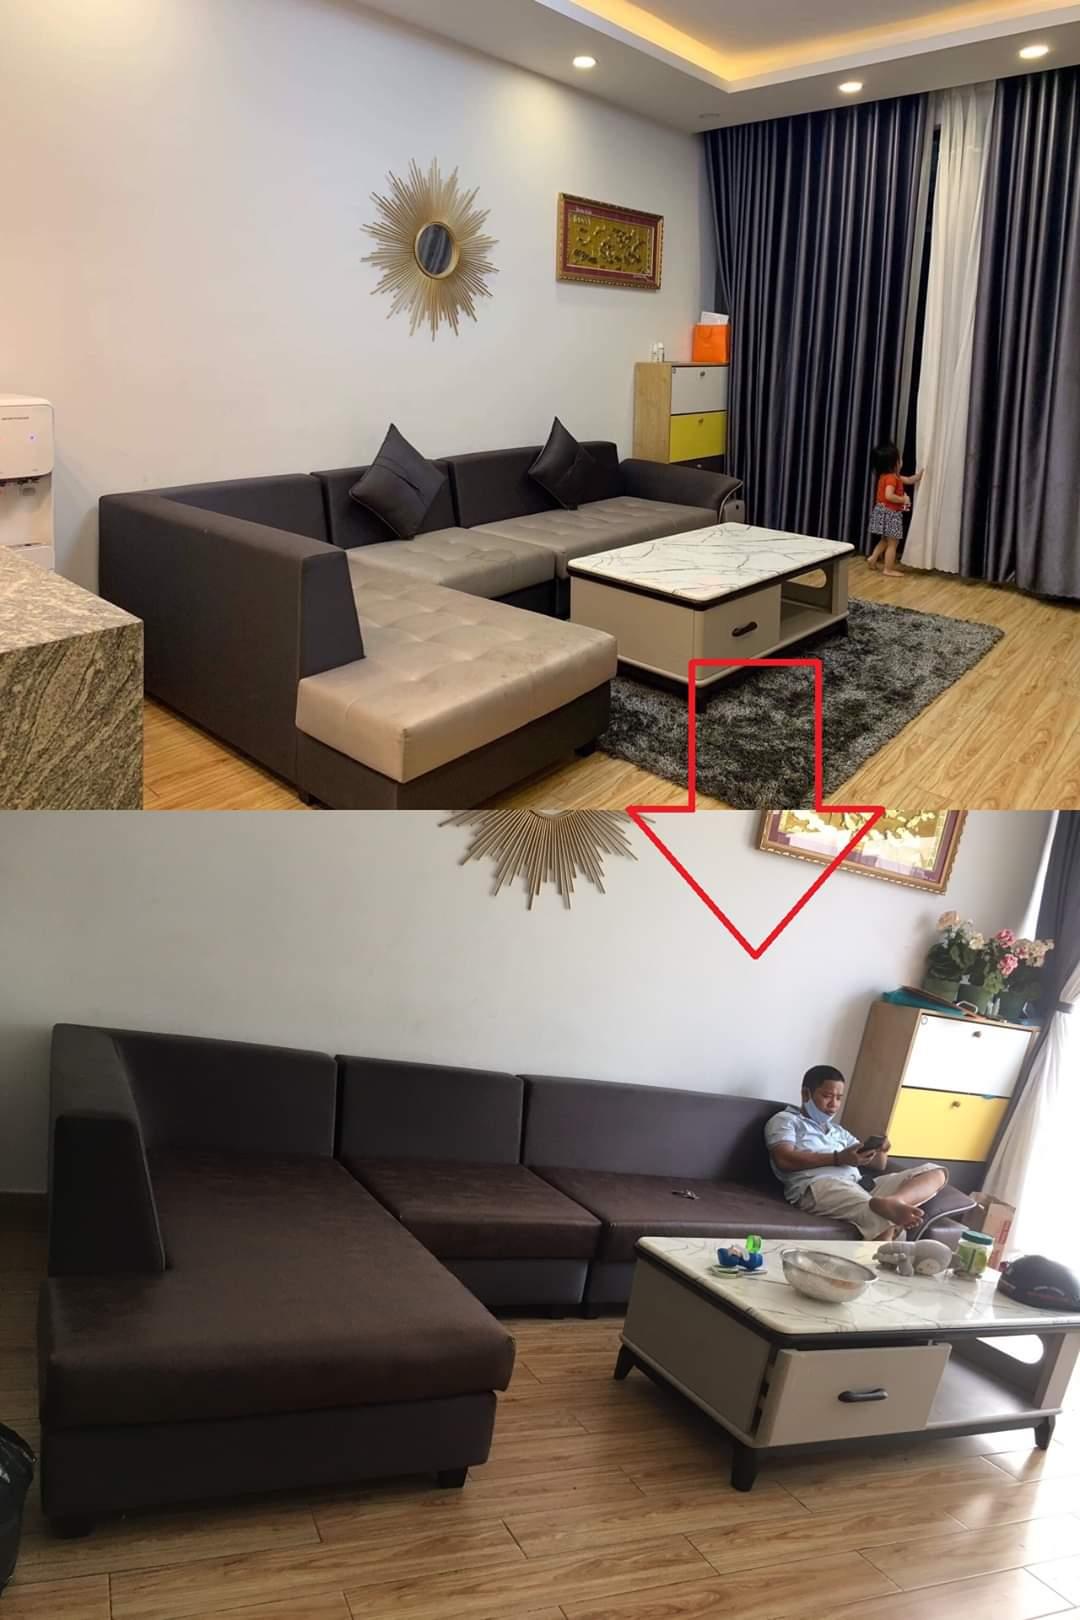 Bọc đêm ghế sofa chữ L cho Chị Chi tại chung cư Hùng Vương, Phường 11, Quận 5